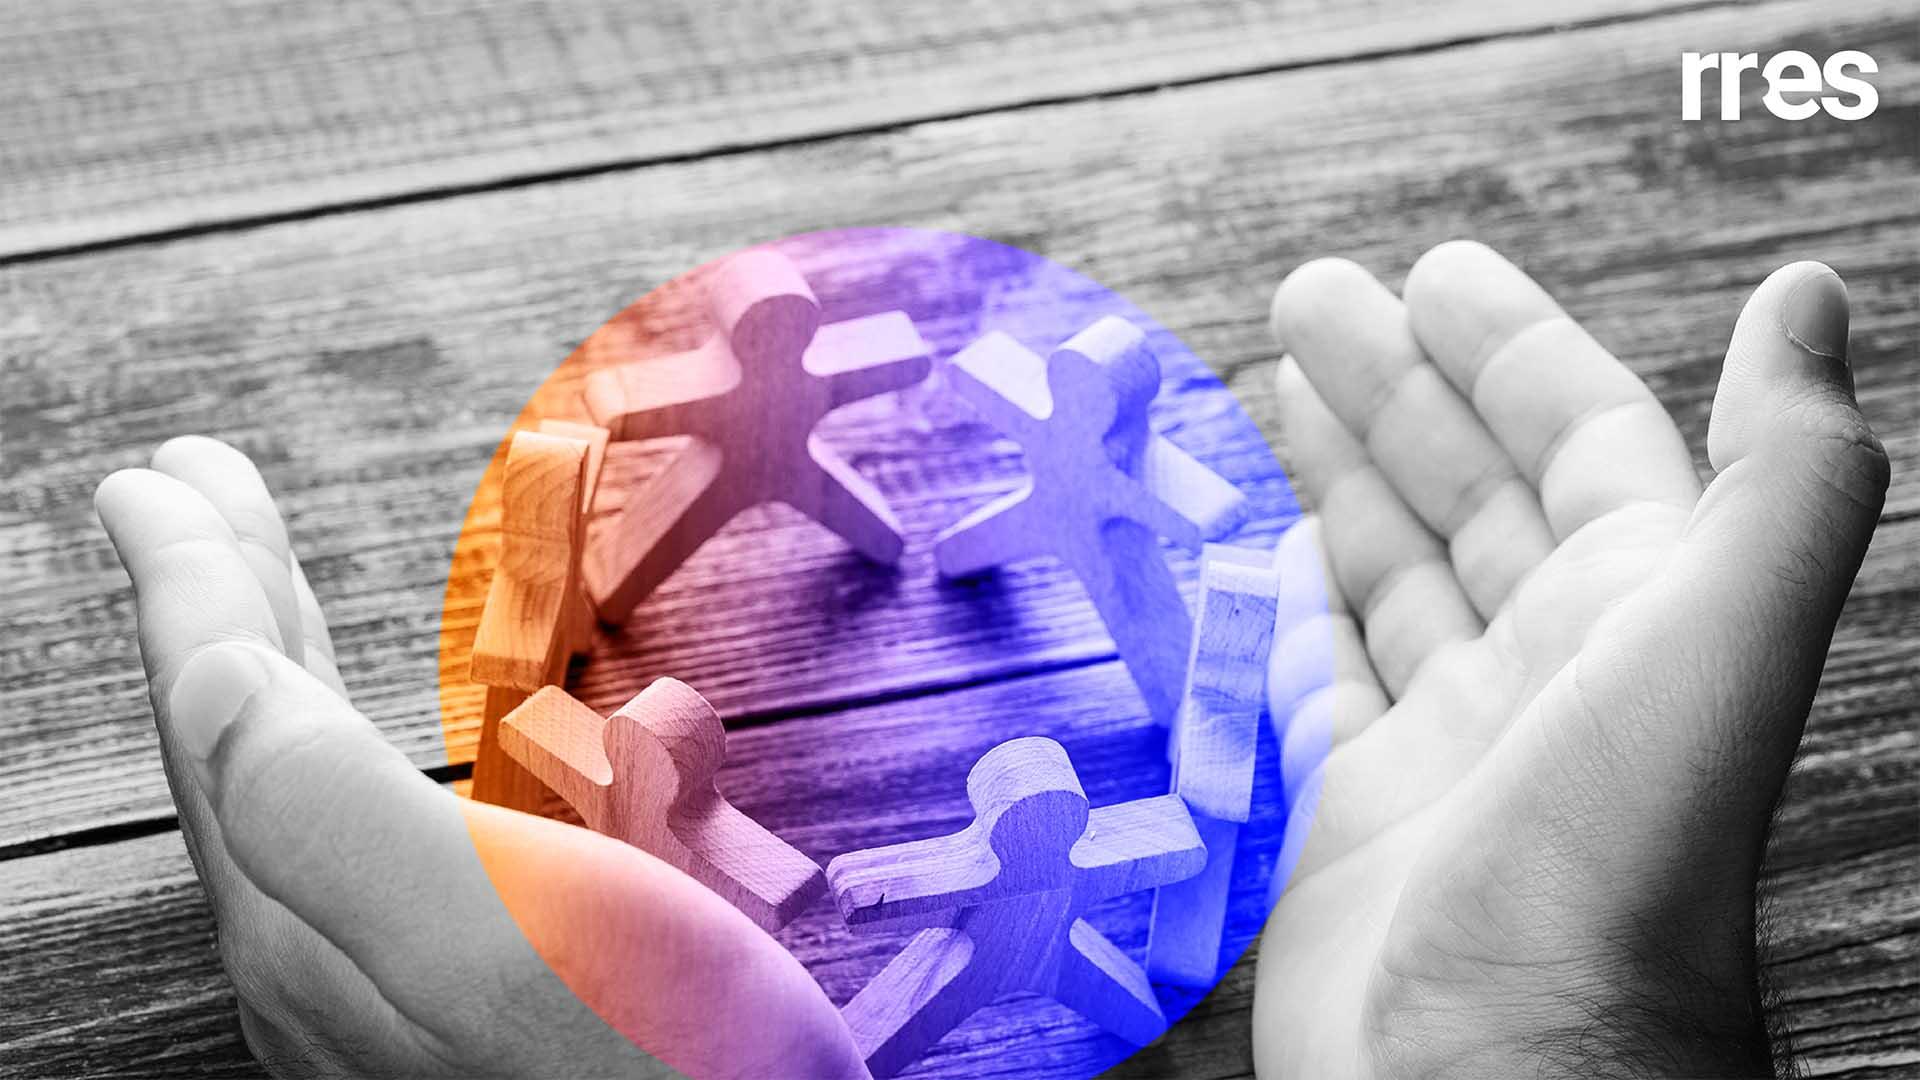 Aprender a vivir en común, por Orlando Viera-Blanco*